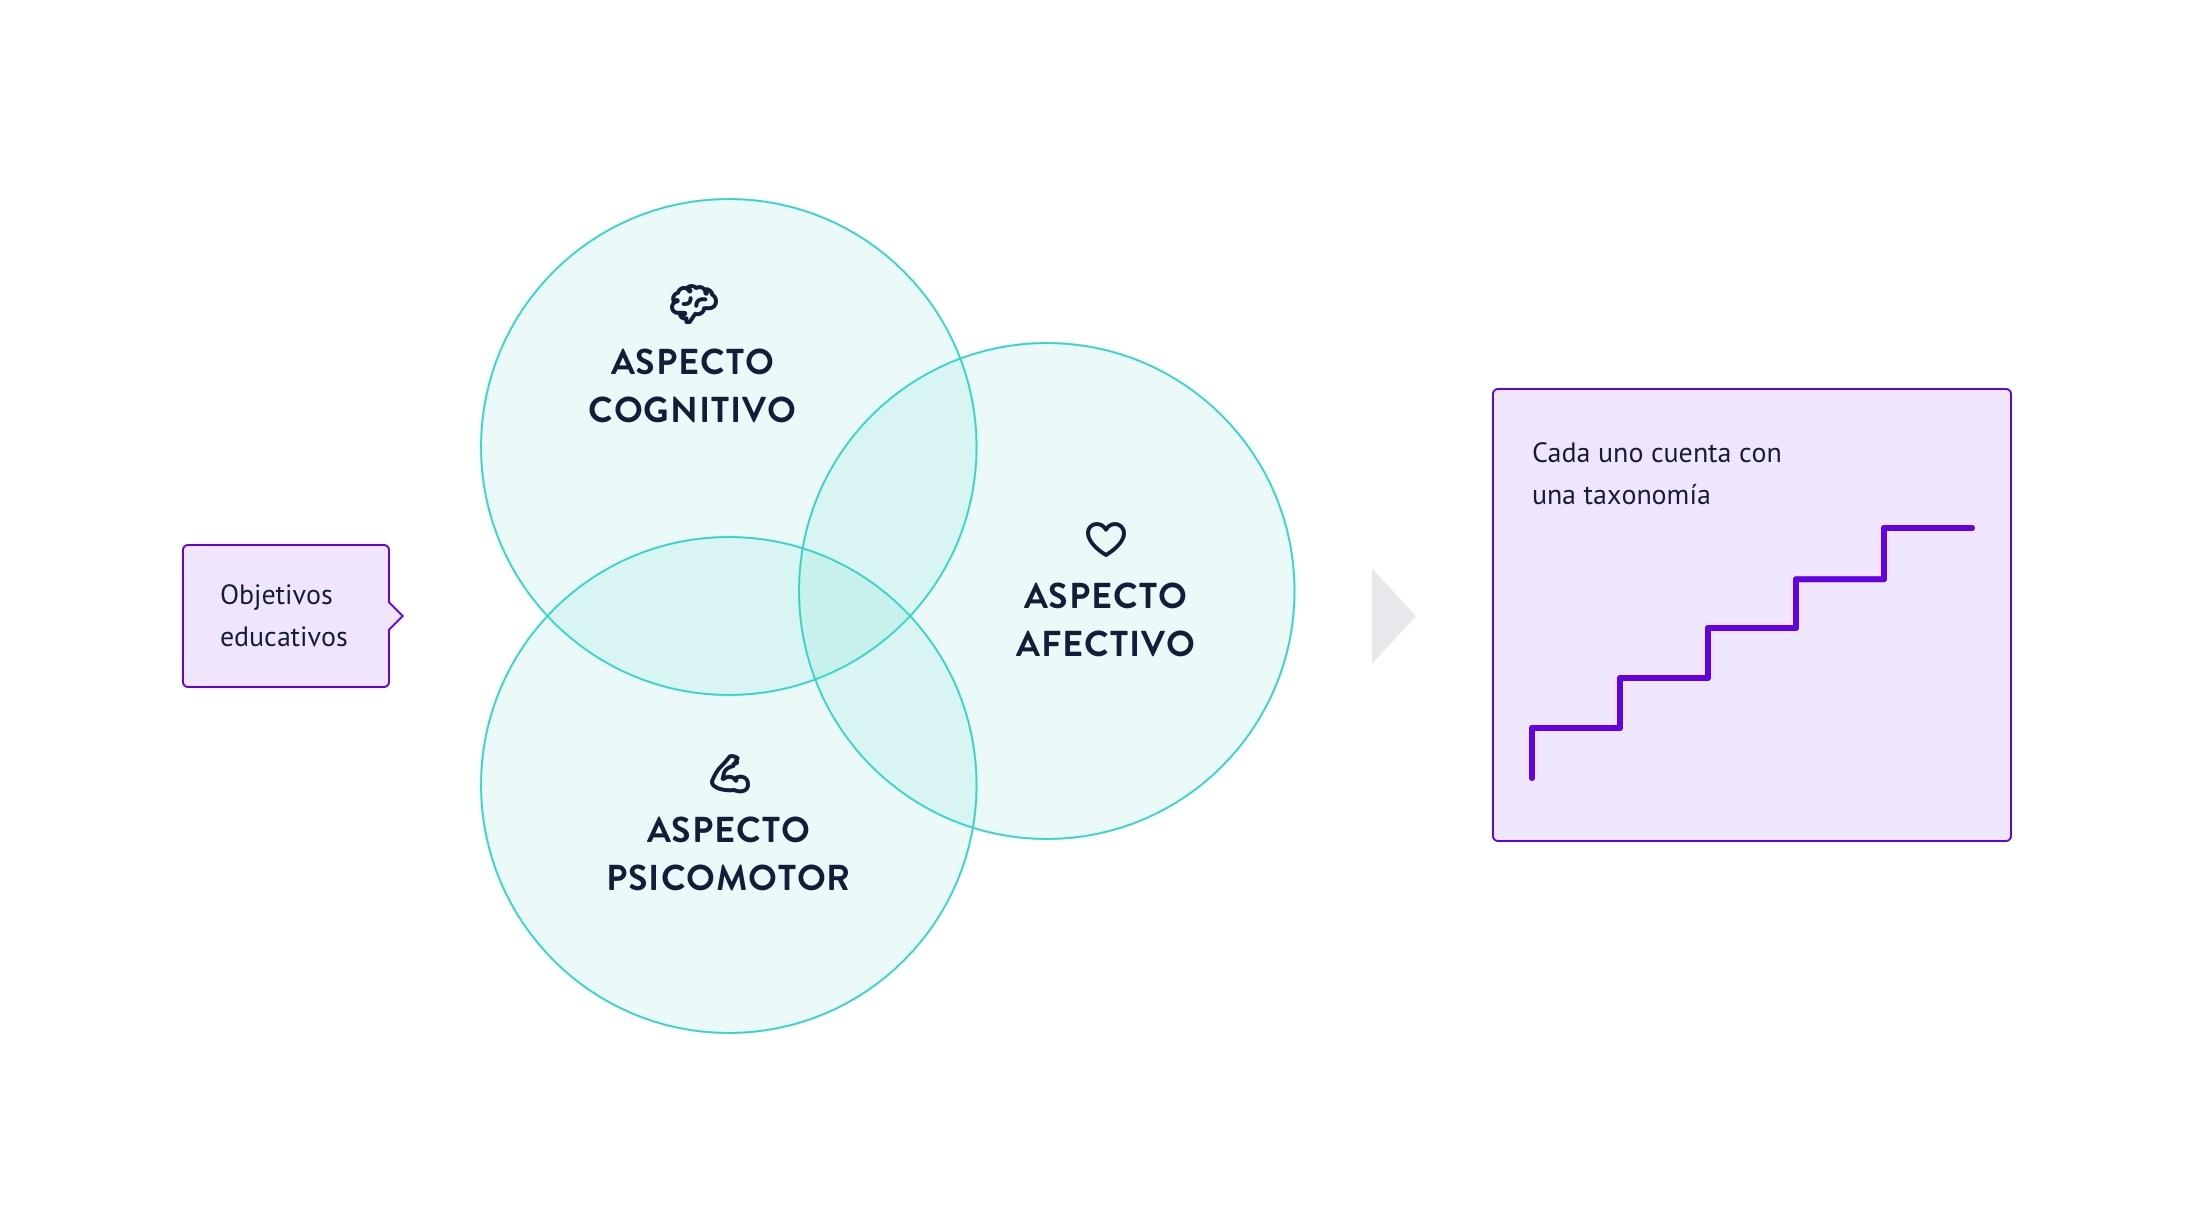 Cada aspecto de los objetivos educativos contiene una taxonomía propia que va de lo más simple a lo más complejo.